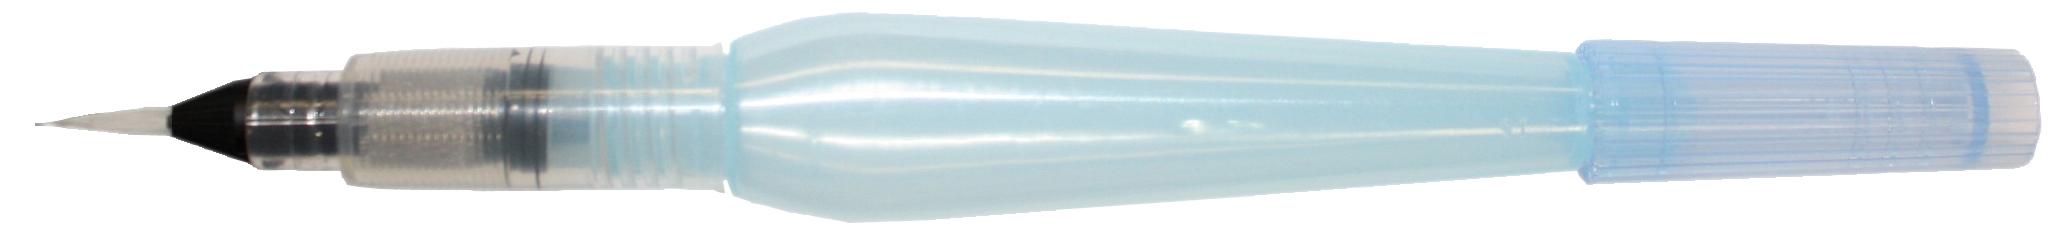 Pentel Кисть Aquash Brush с резервуаром тонкаяC13S041944Кисть с резервуаром для воды Pentel Aquash Brush используется для акварельных красок. Удобна для рисования и в классе, и на пленэре.Уникальный инструмент для рисованияобъединяет в себе синтетическую тонкую кисть (волокно кисти - нейлон) и мягкий пластиковый резервуар для воды (10 мл).Длина изделия: 15,5 см.Максимальный диаметр: 17,9 мм. Длина наконечника кисти: 11,5 мм.